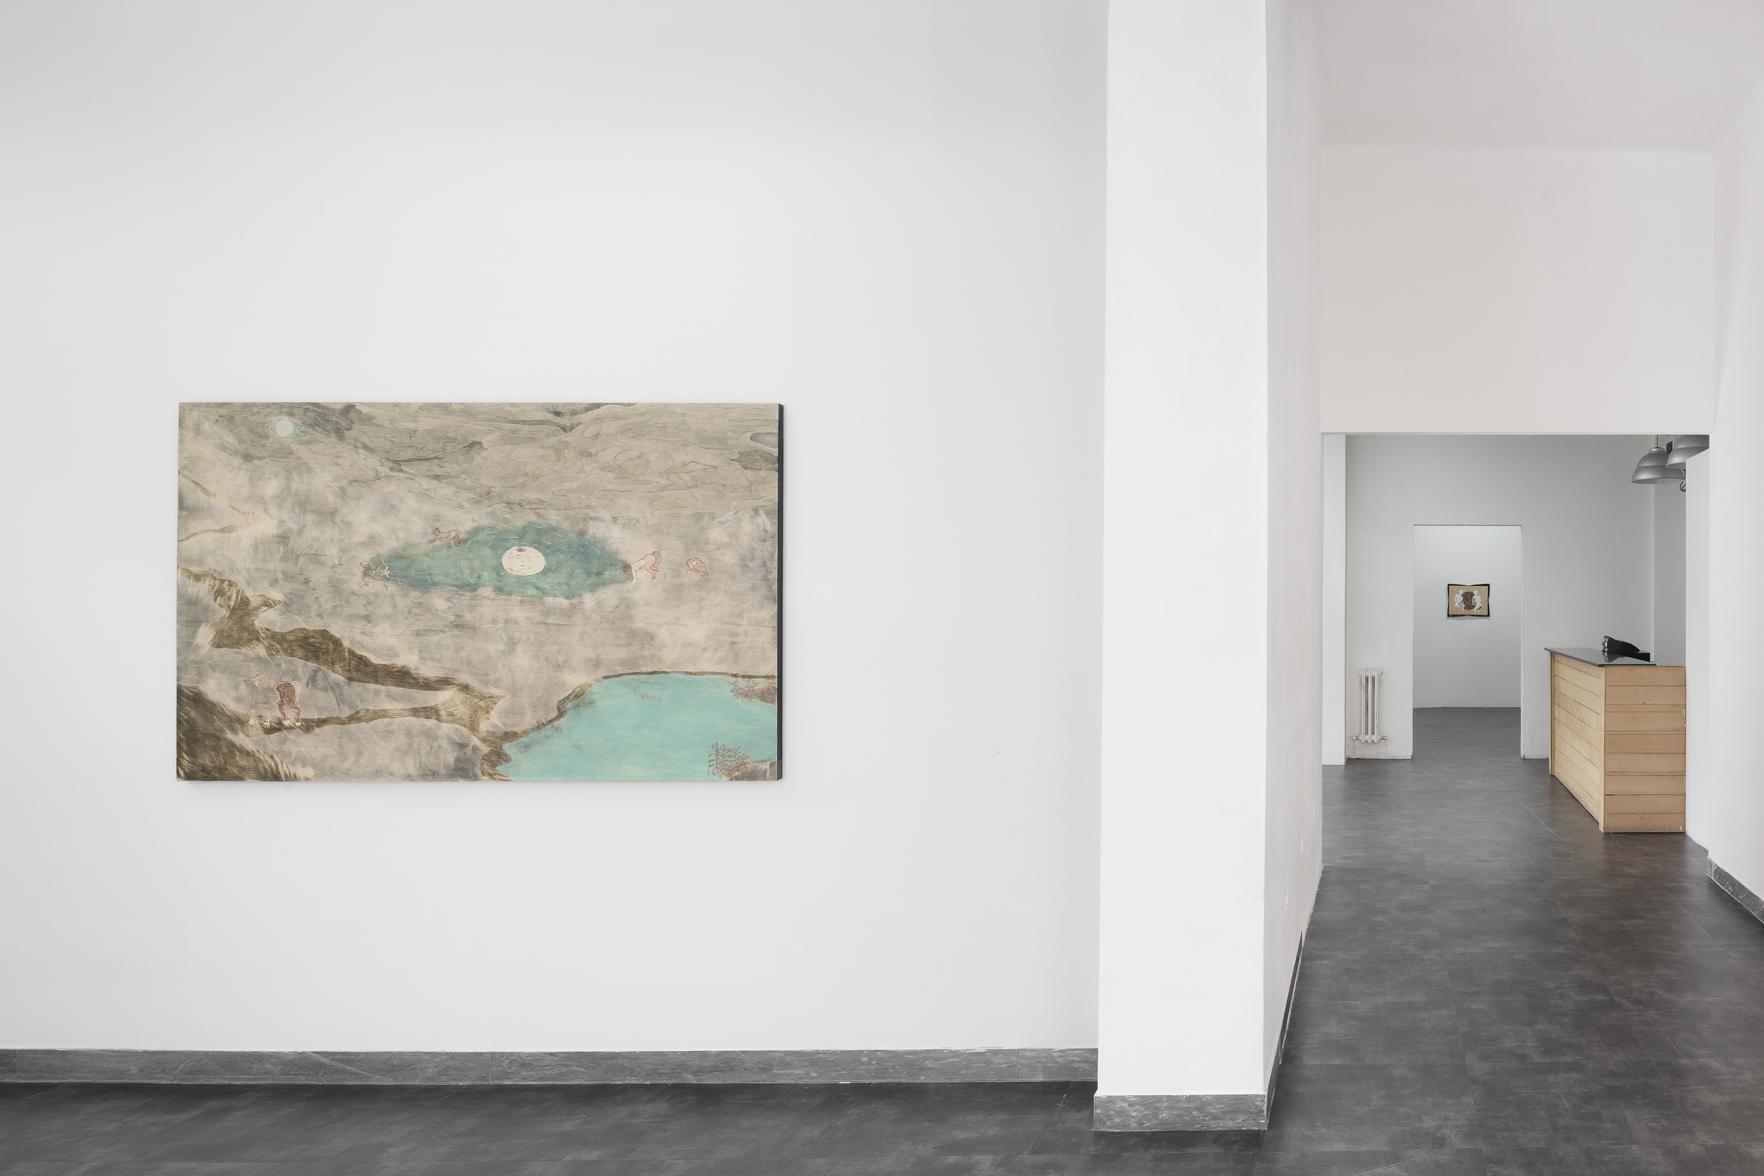 Fugazza_Ostaggi e amici, exhibition view_03